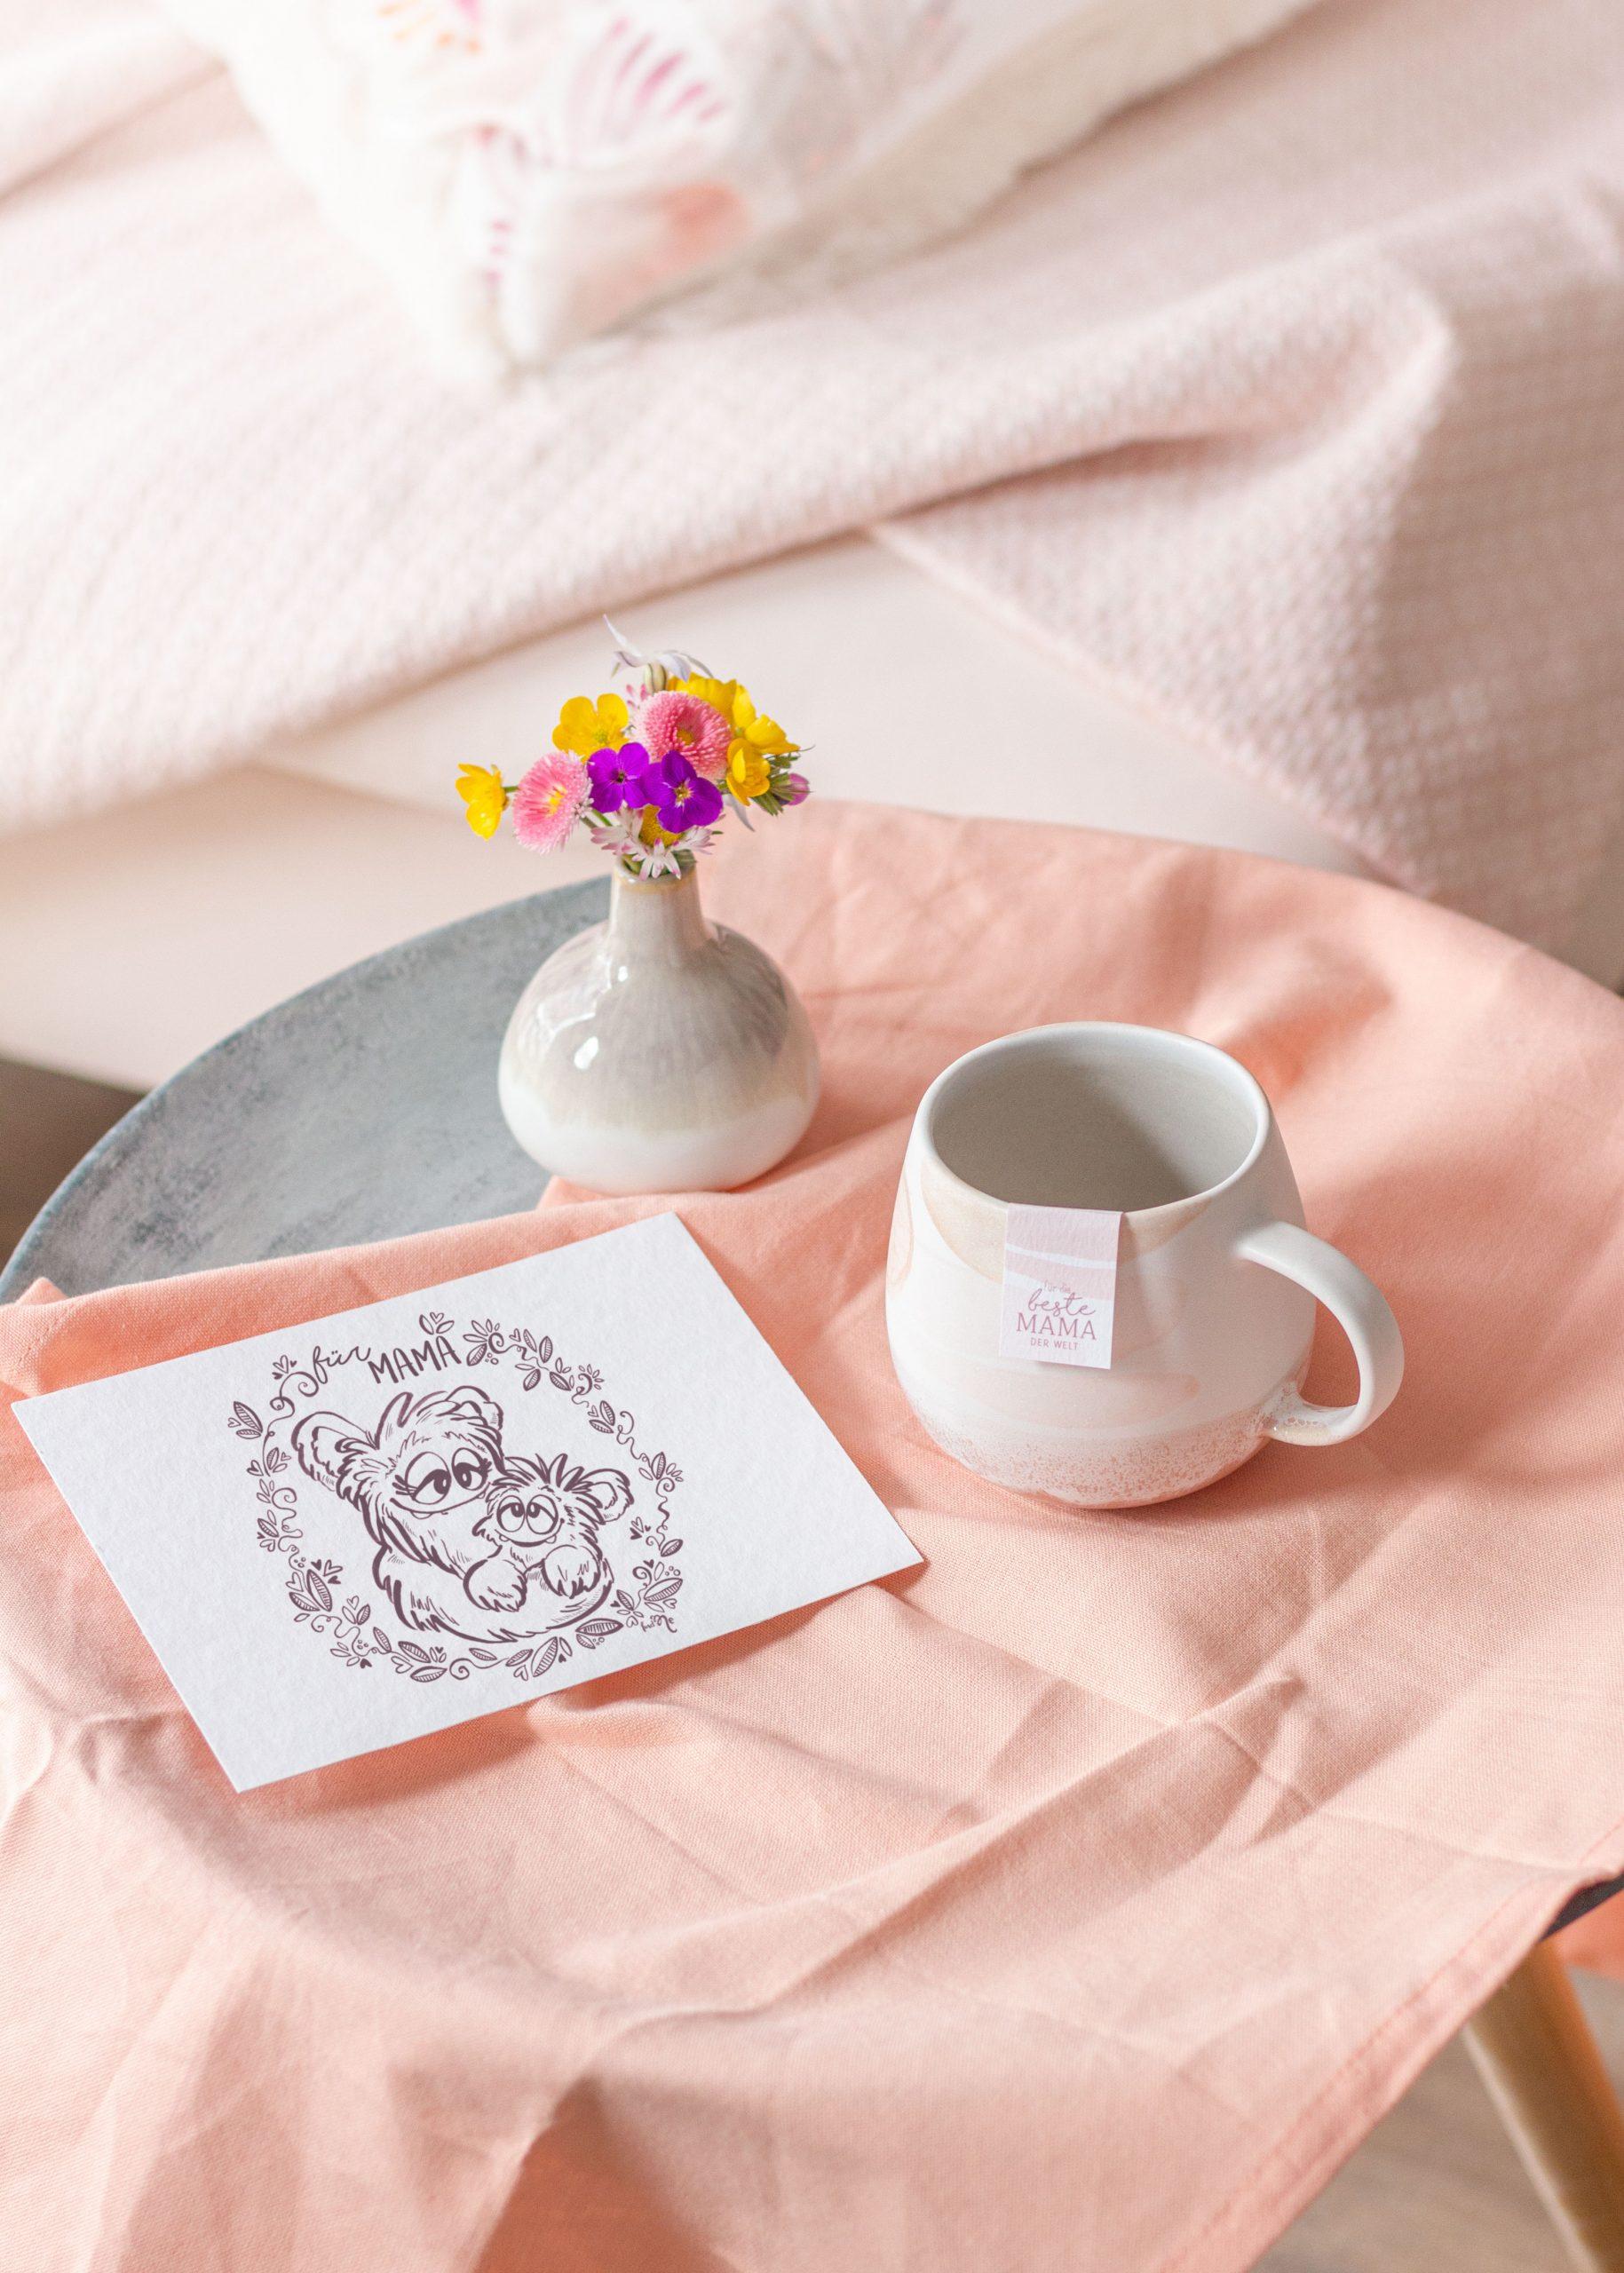 Geschenke zum Muttertag - Karte Blumen und Keramiktasse